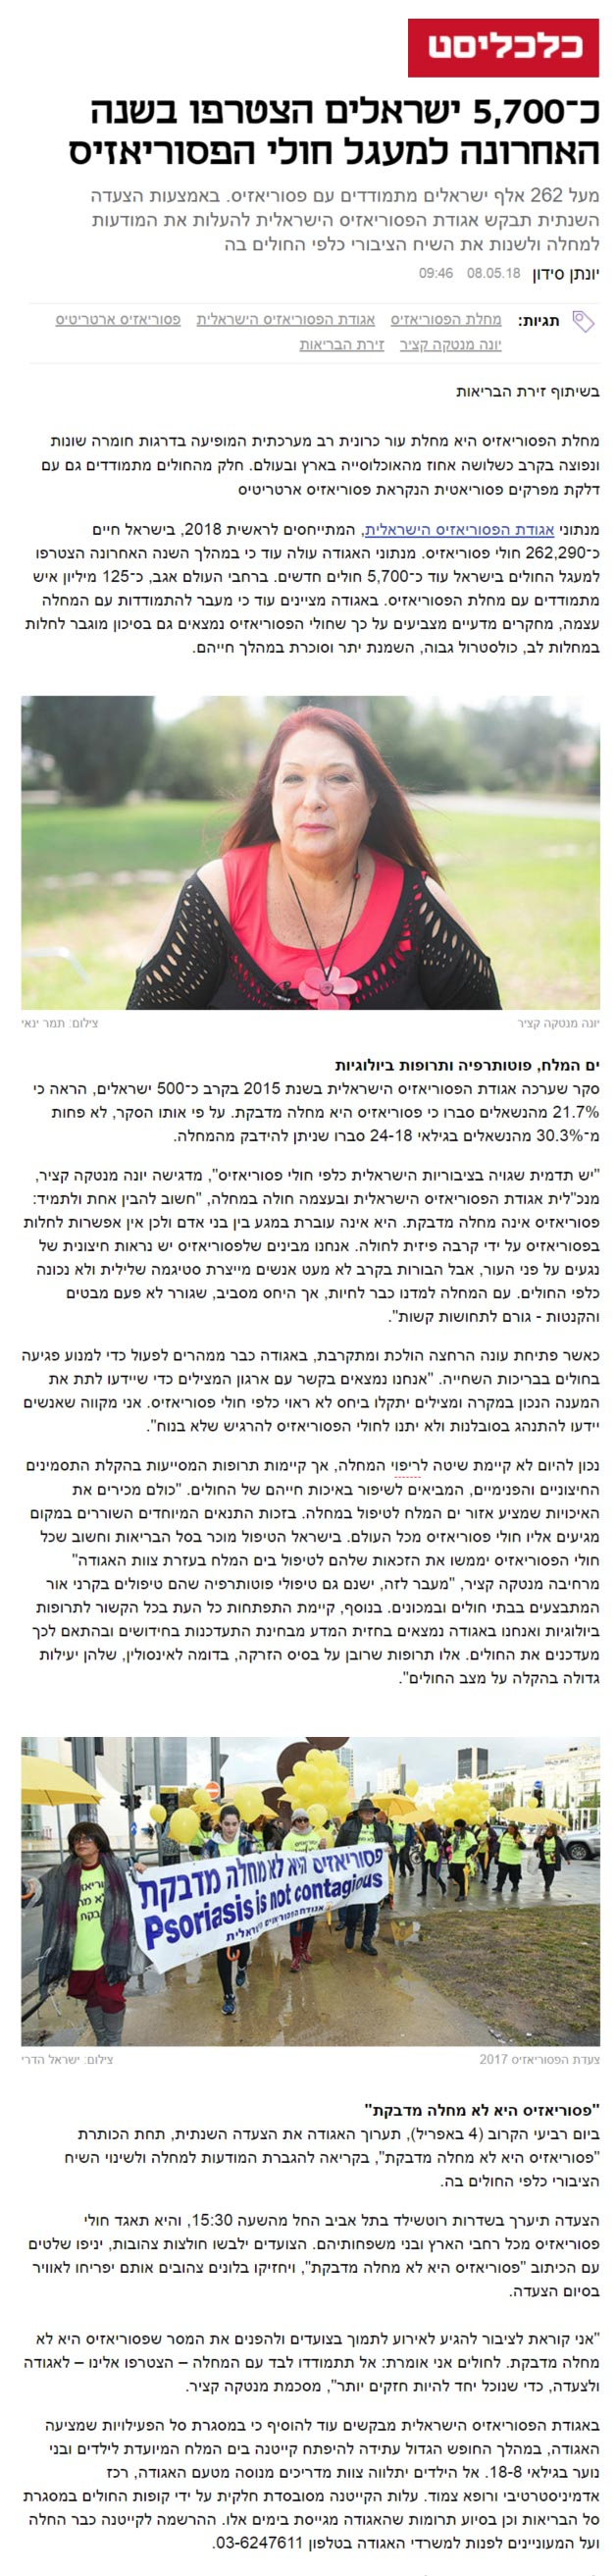 כ־5,700 ישראלים הצטרפו בשנה האחרונה למעגל חולי הפסוריאזיס